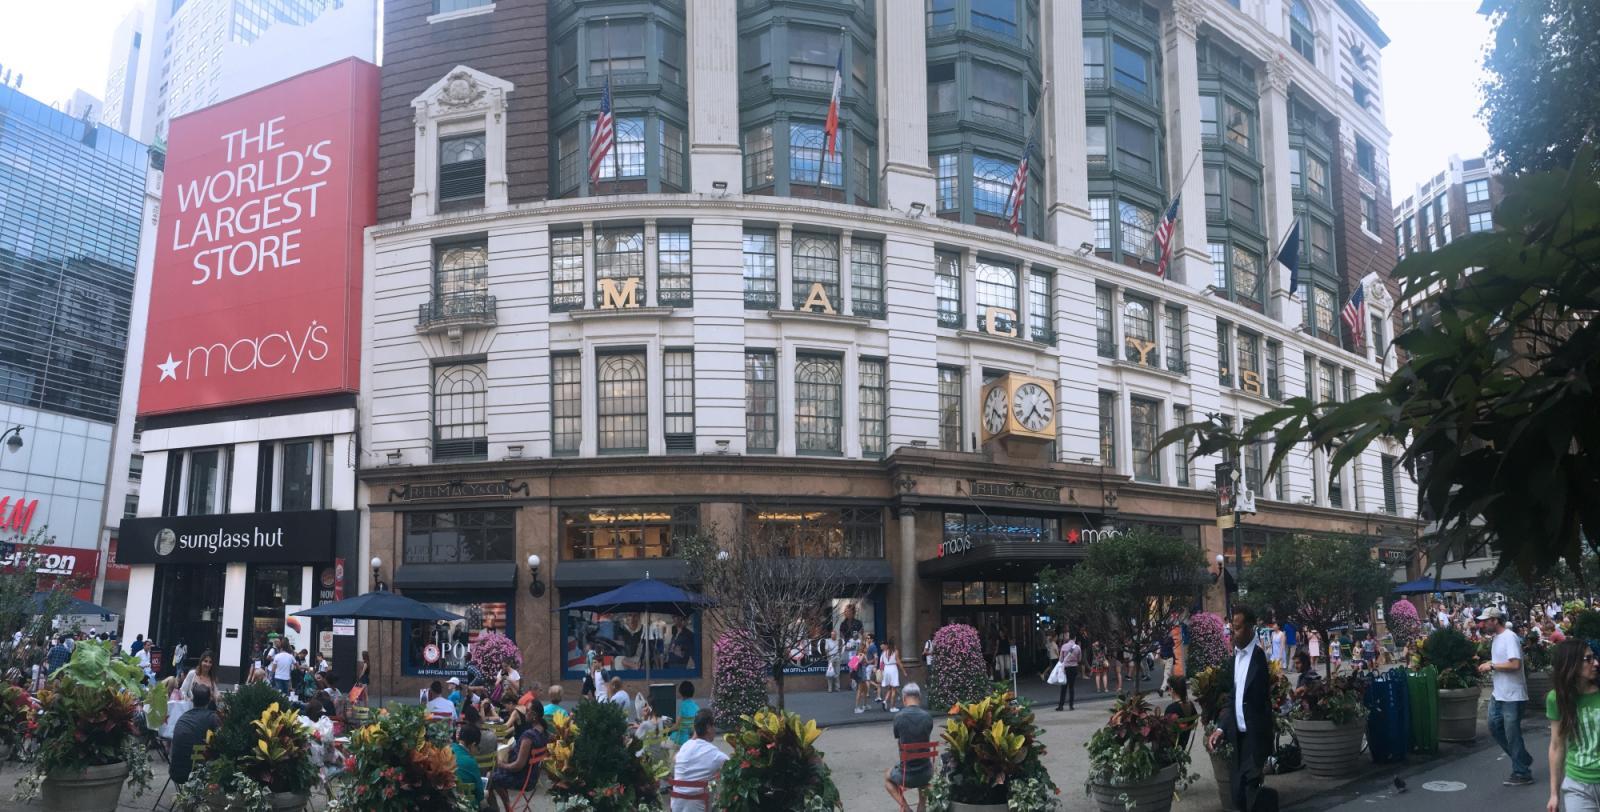 Macy\'s Nueva York: los grandes almacenes más grandes del mundo